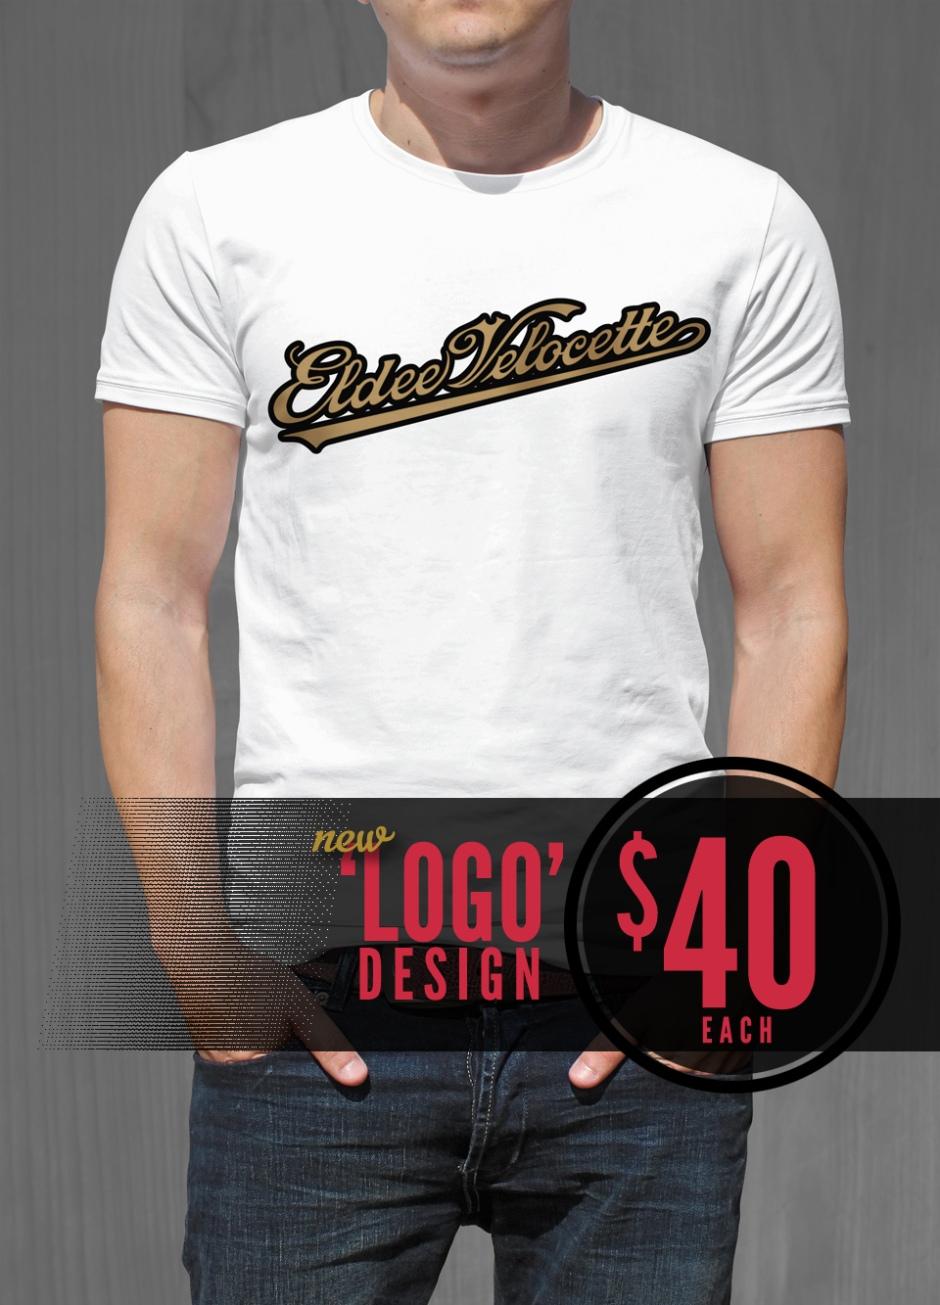 Design t shirt price - Eldee Velocette Logo Design T Shirt Design Front Of White Shirt